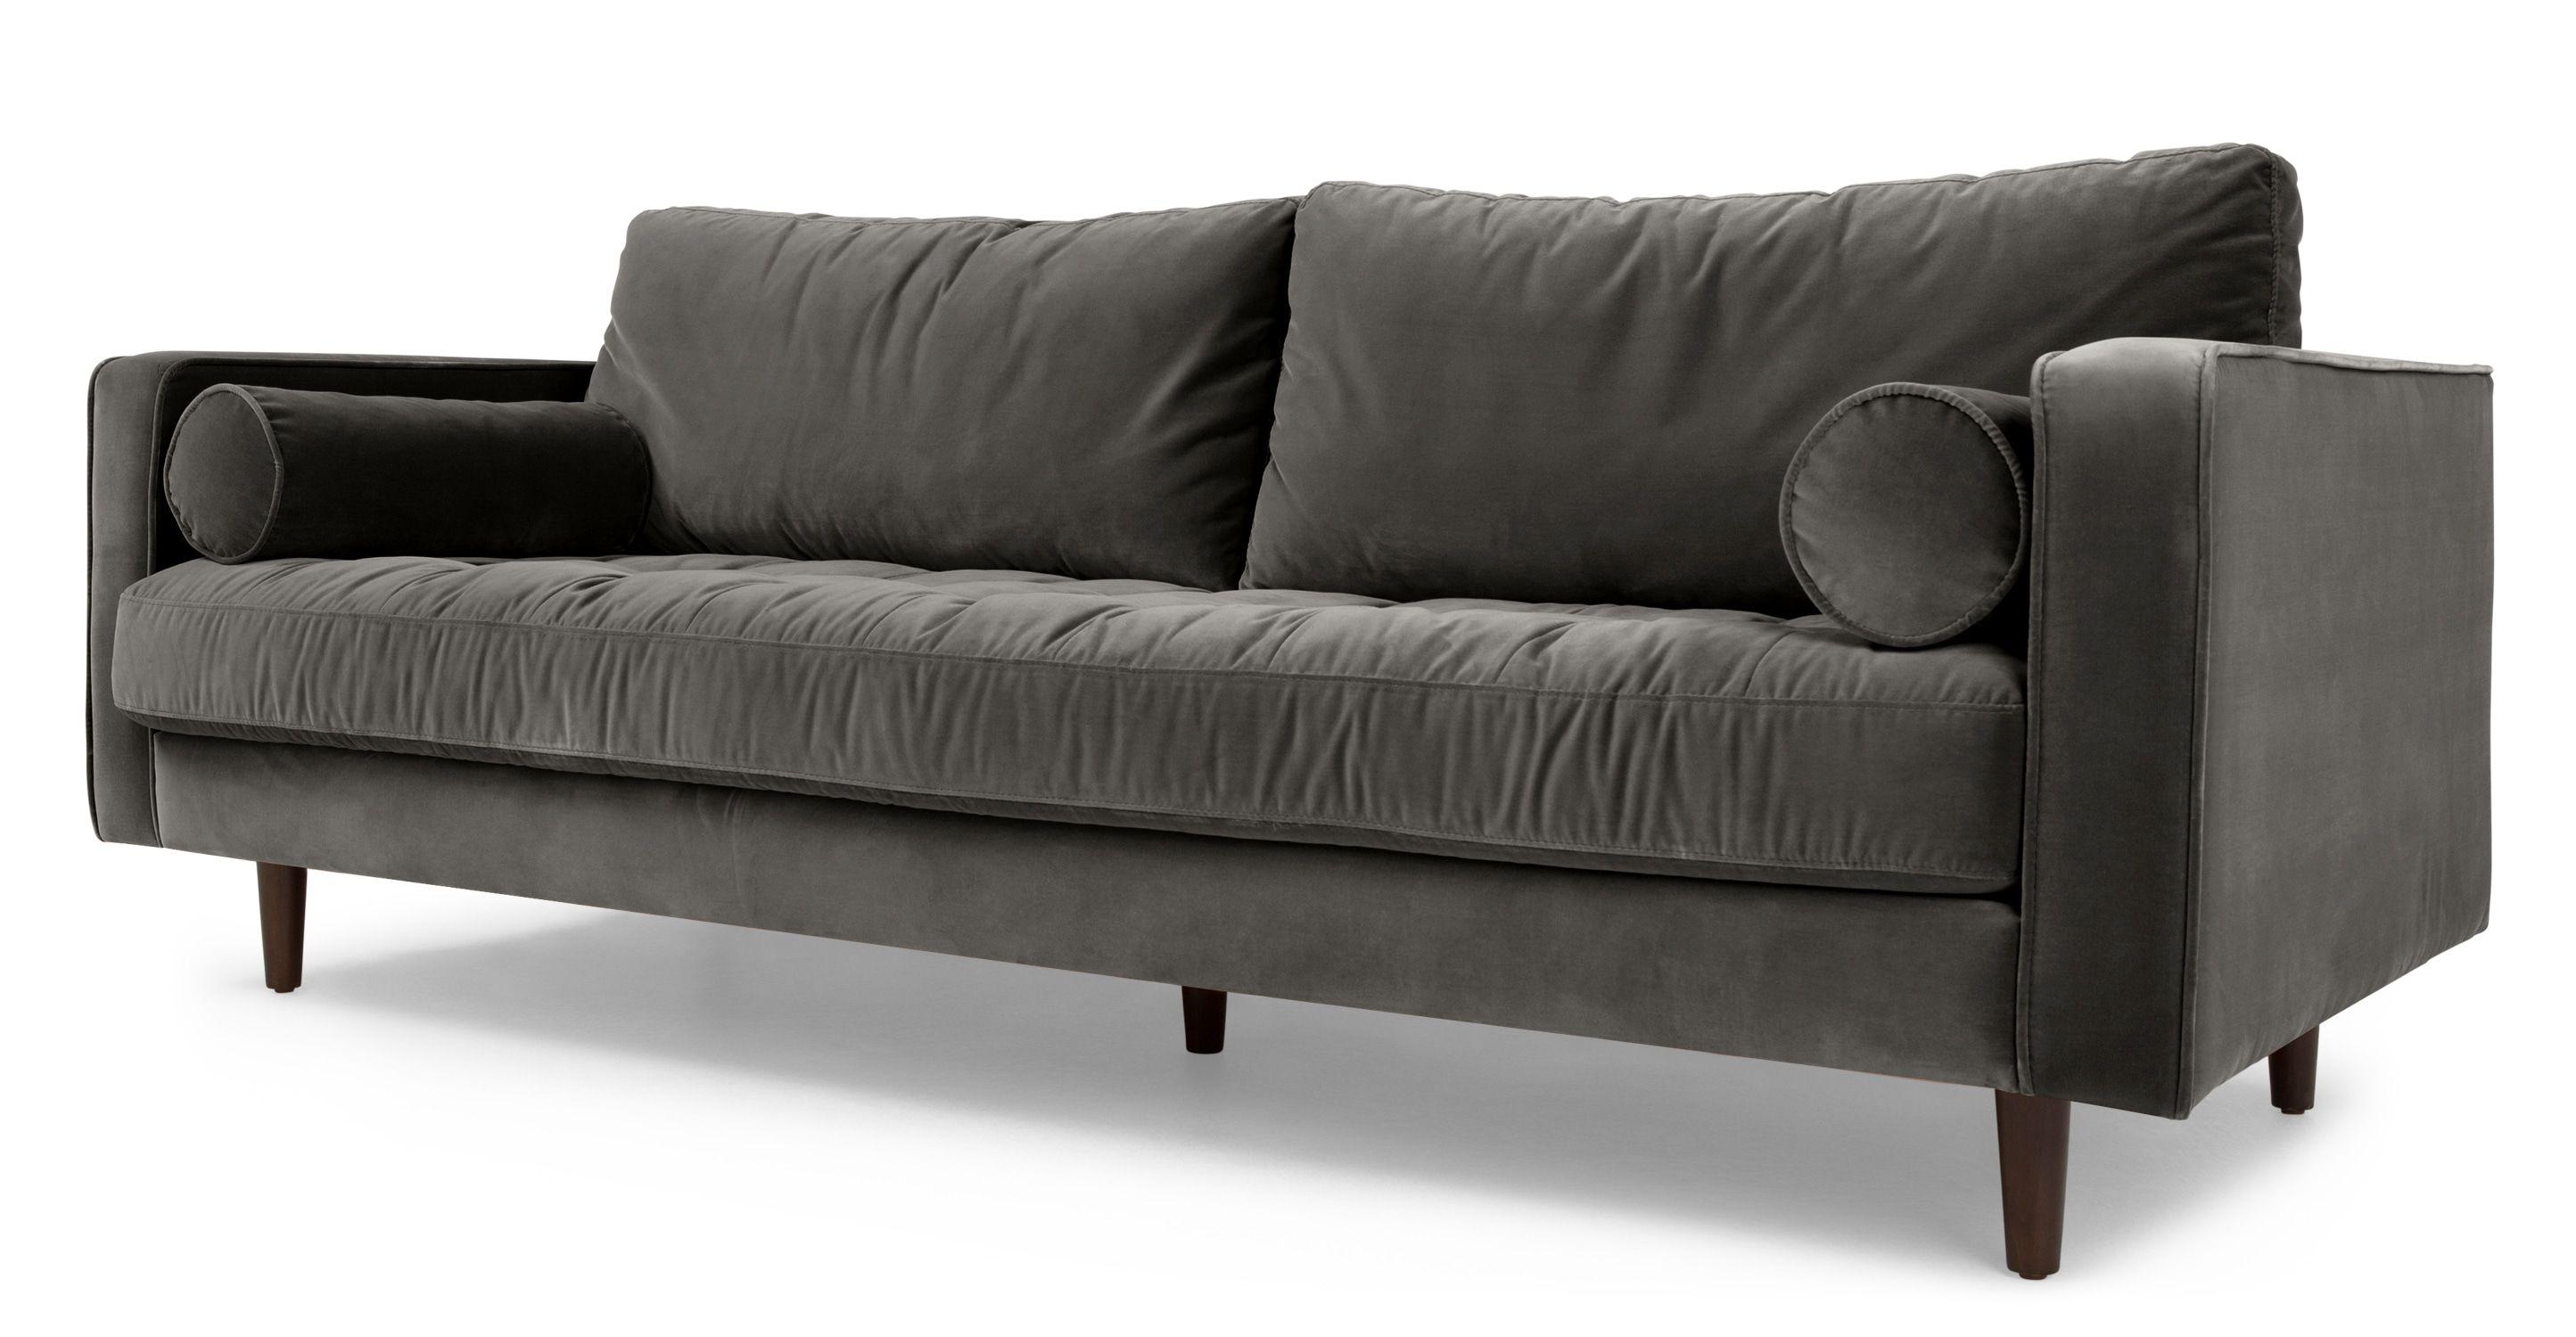 Elegant Lounge Sofa Wohnzimmer Das Beste Von Das Scott Ist Ultragemütlich Und Setzt Deinem